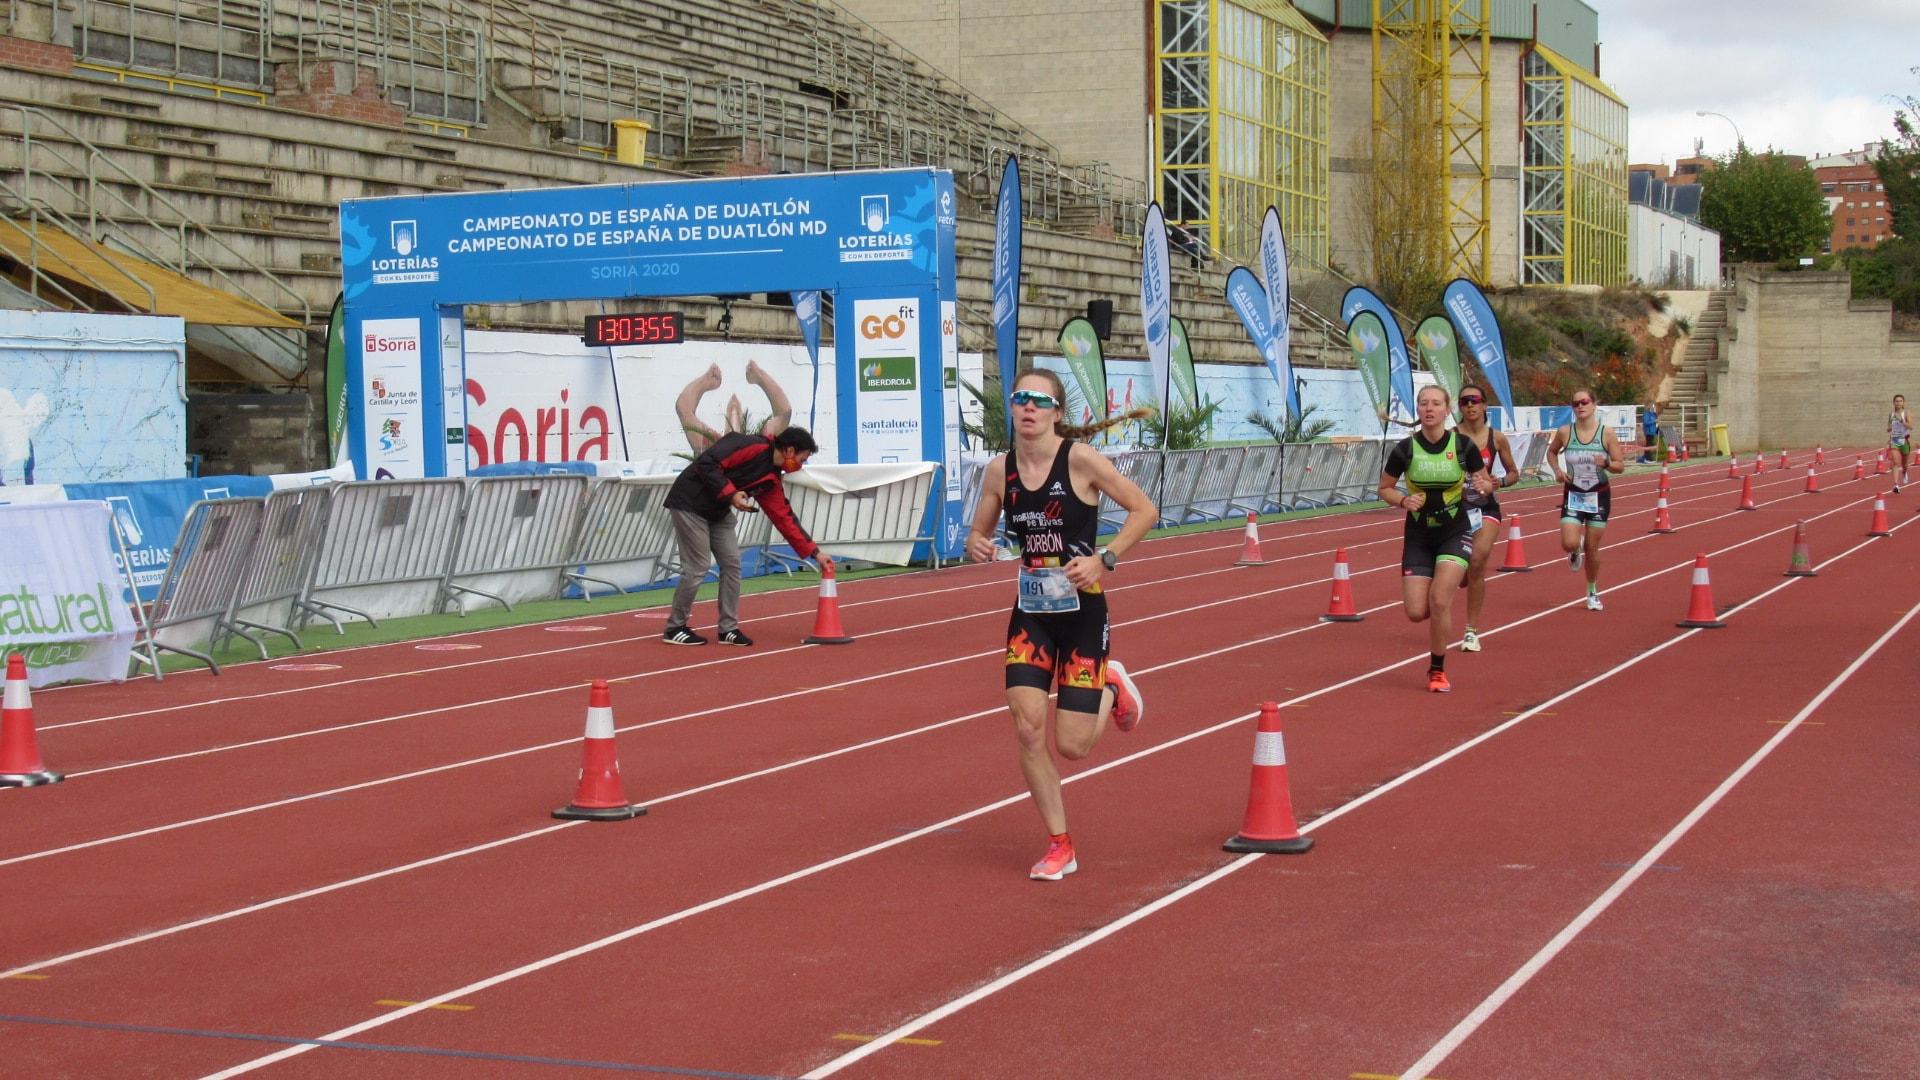 Sonia Bejarano y Urko Herrán campeones de España de Duatlón en Soria 2020